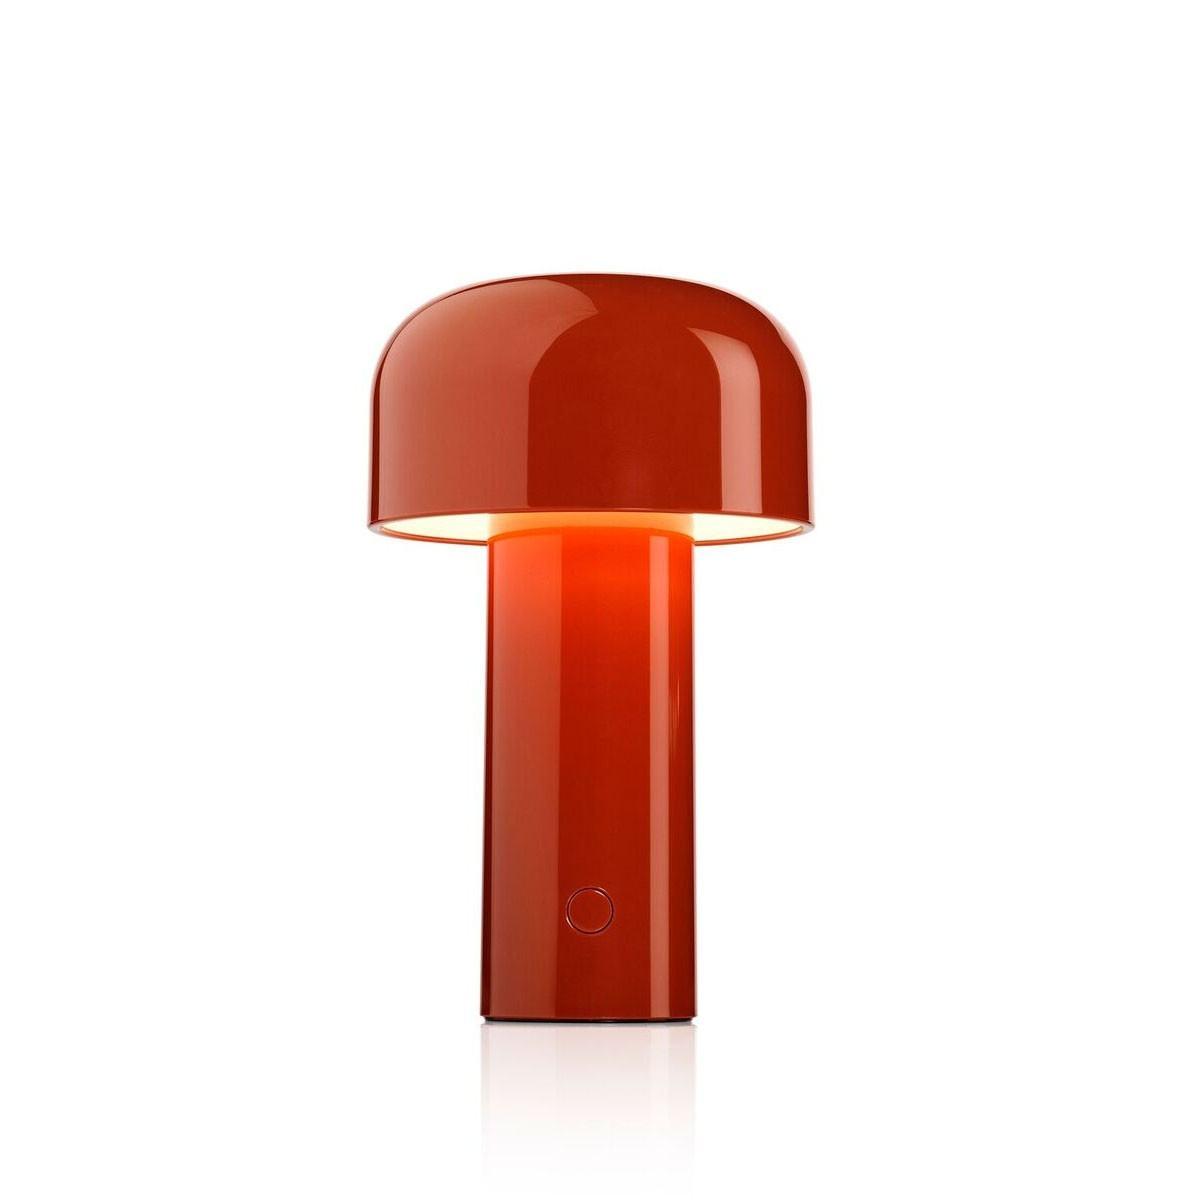 Flos Bellhop Table Lamp